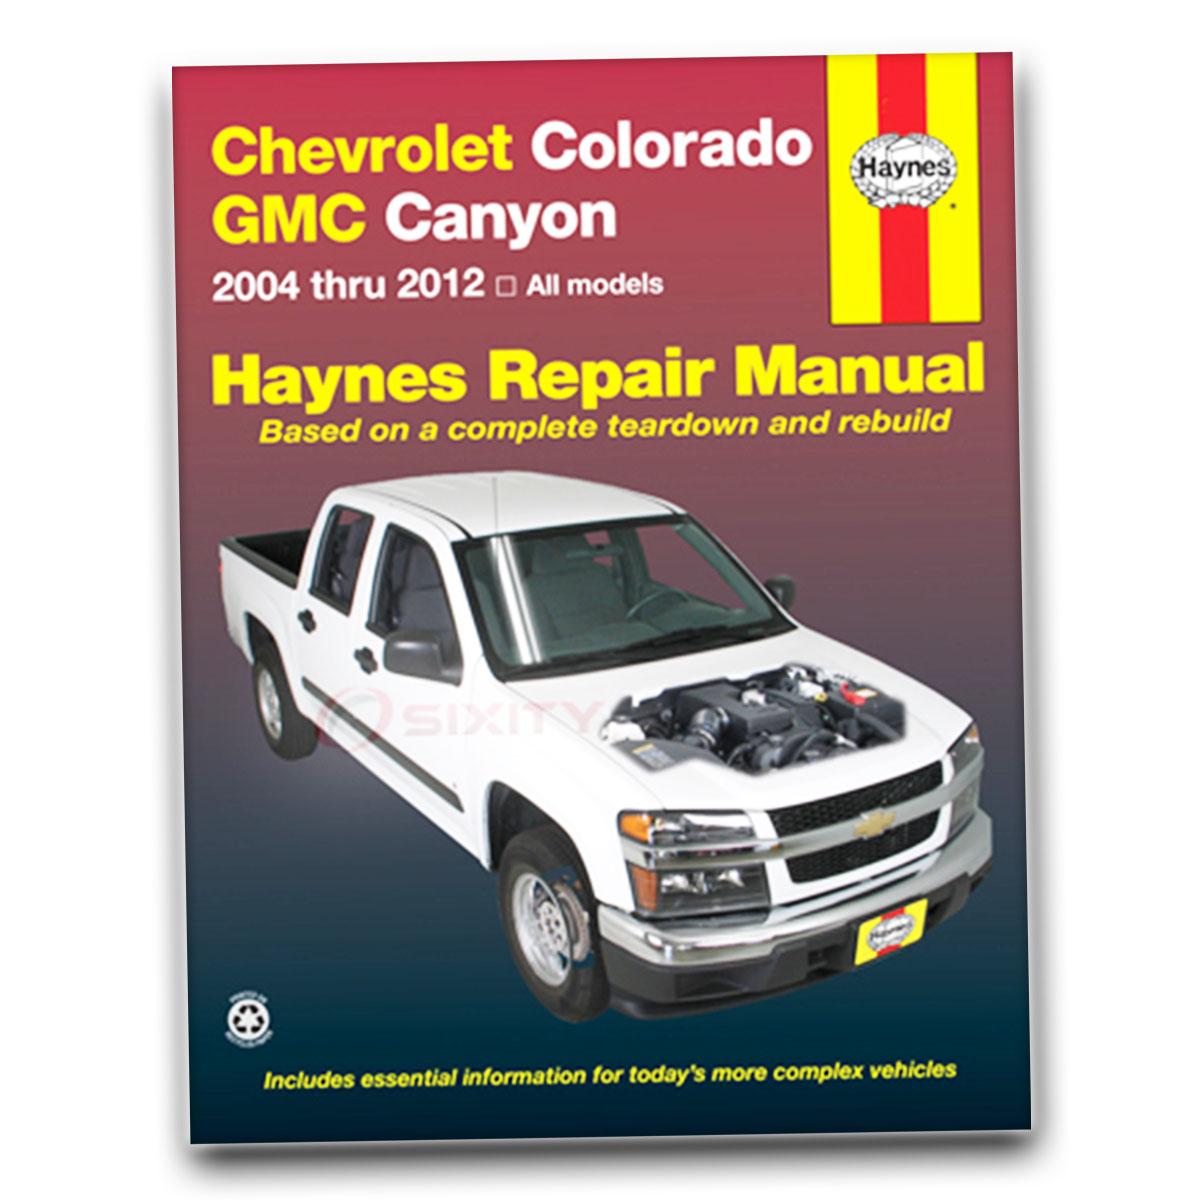 haynes chevrolet colorado gmc canyon 04 10 repair manual 24027 shop rh ebay com 2005 gmc canyon repair manual gmc canyon repair manual 2015 pdf